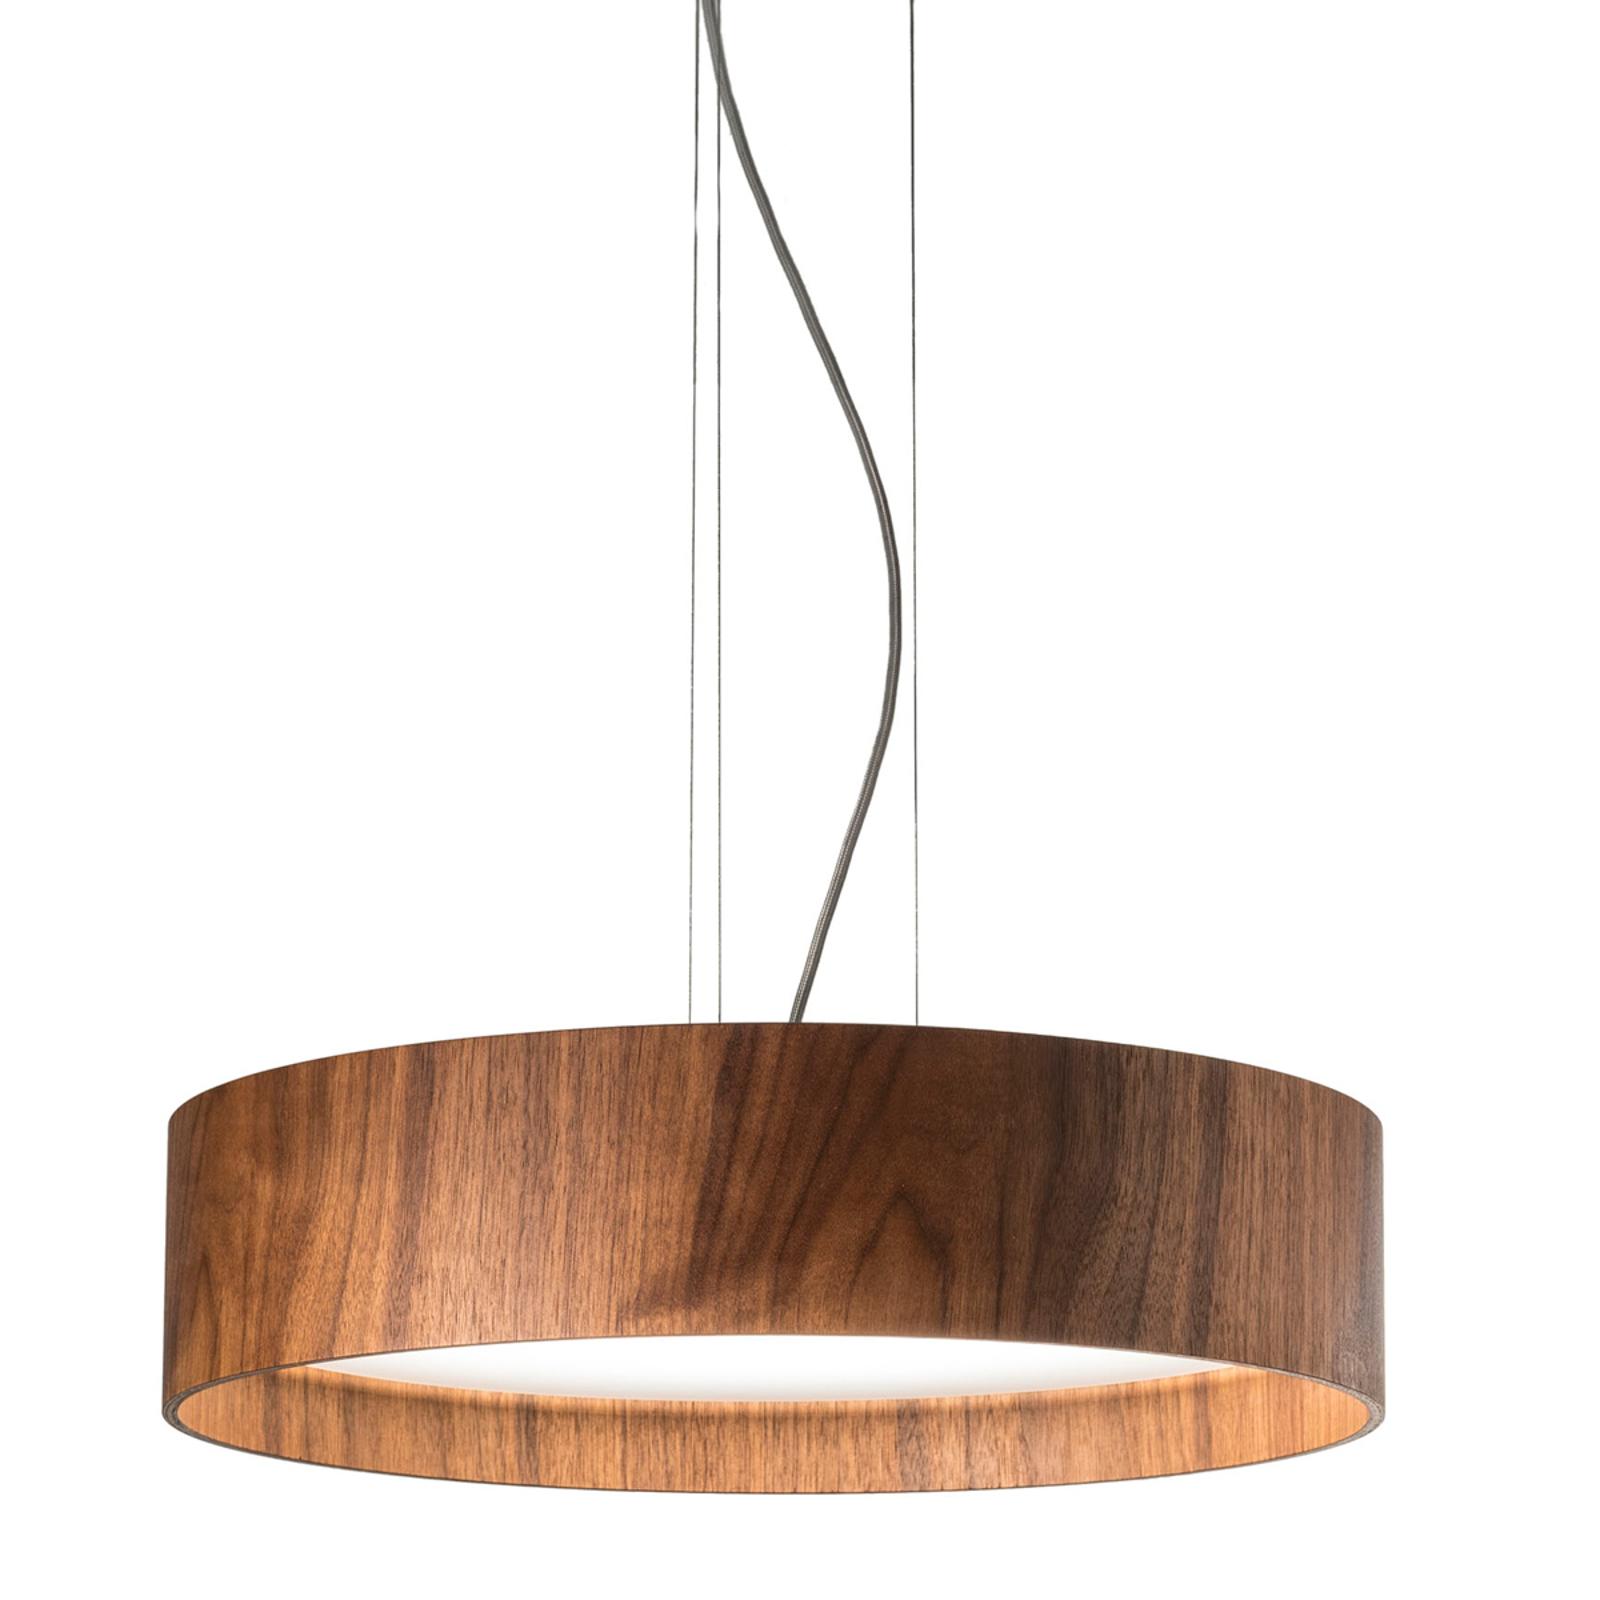 Nussbaum-Hängeleuchte Lara Wood mit LEDs